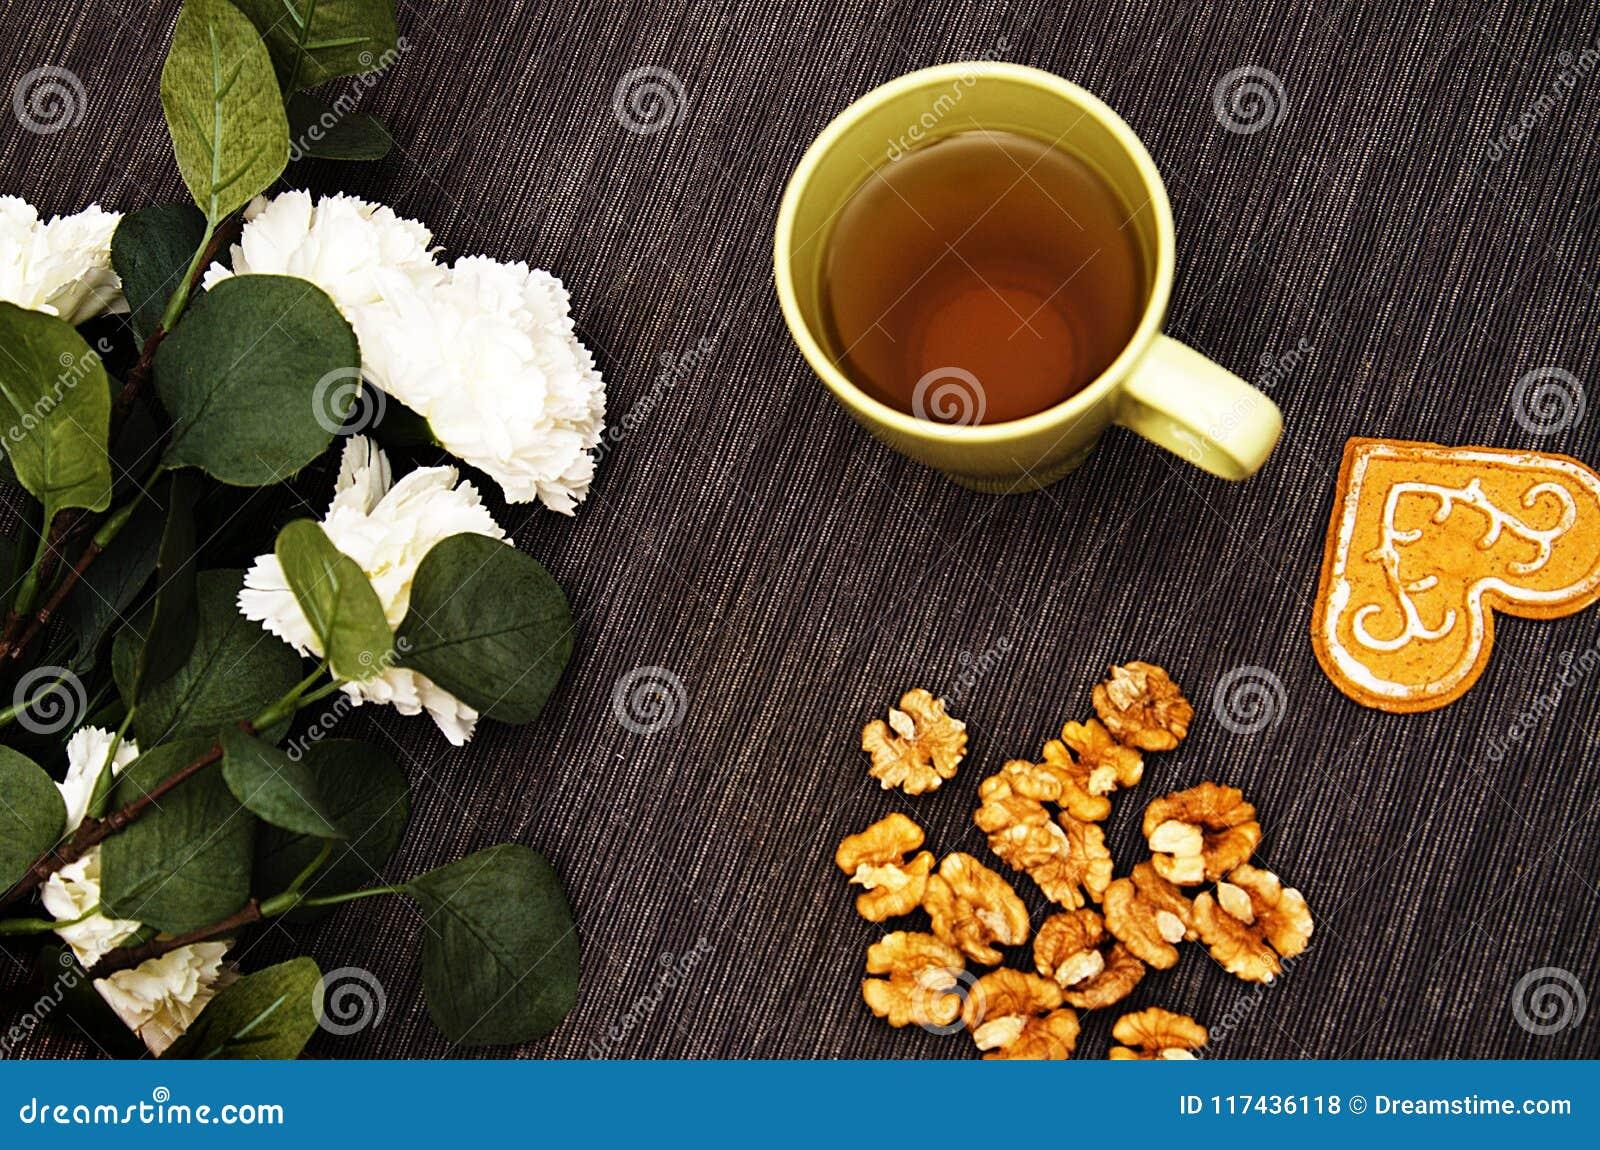 Um copo do chá verde em uma tabela com flores brancas e uma noz em um fundo escuro